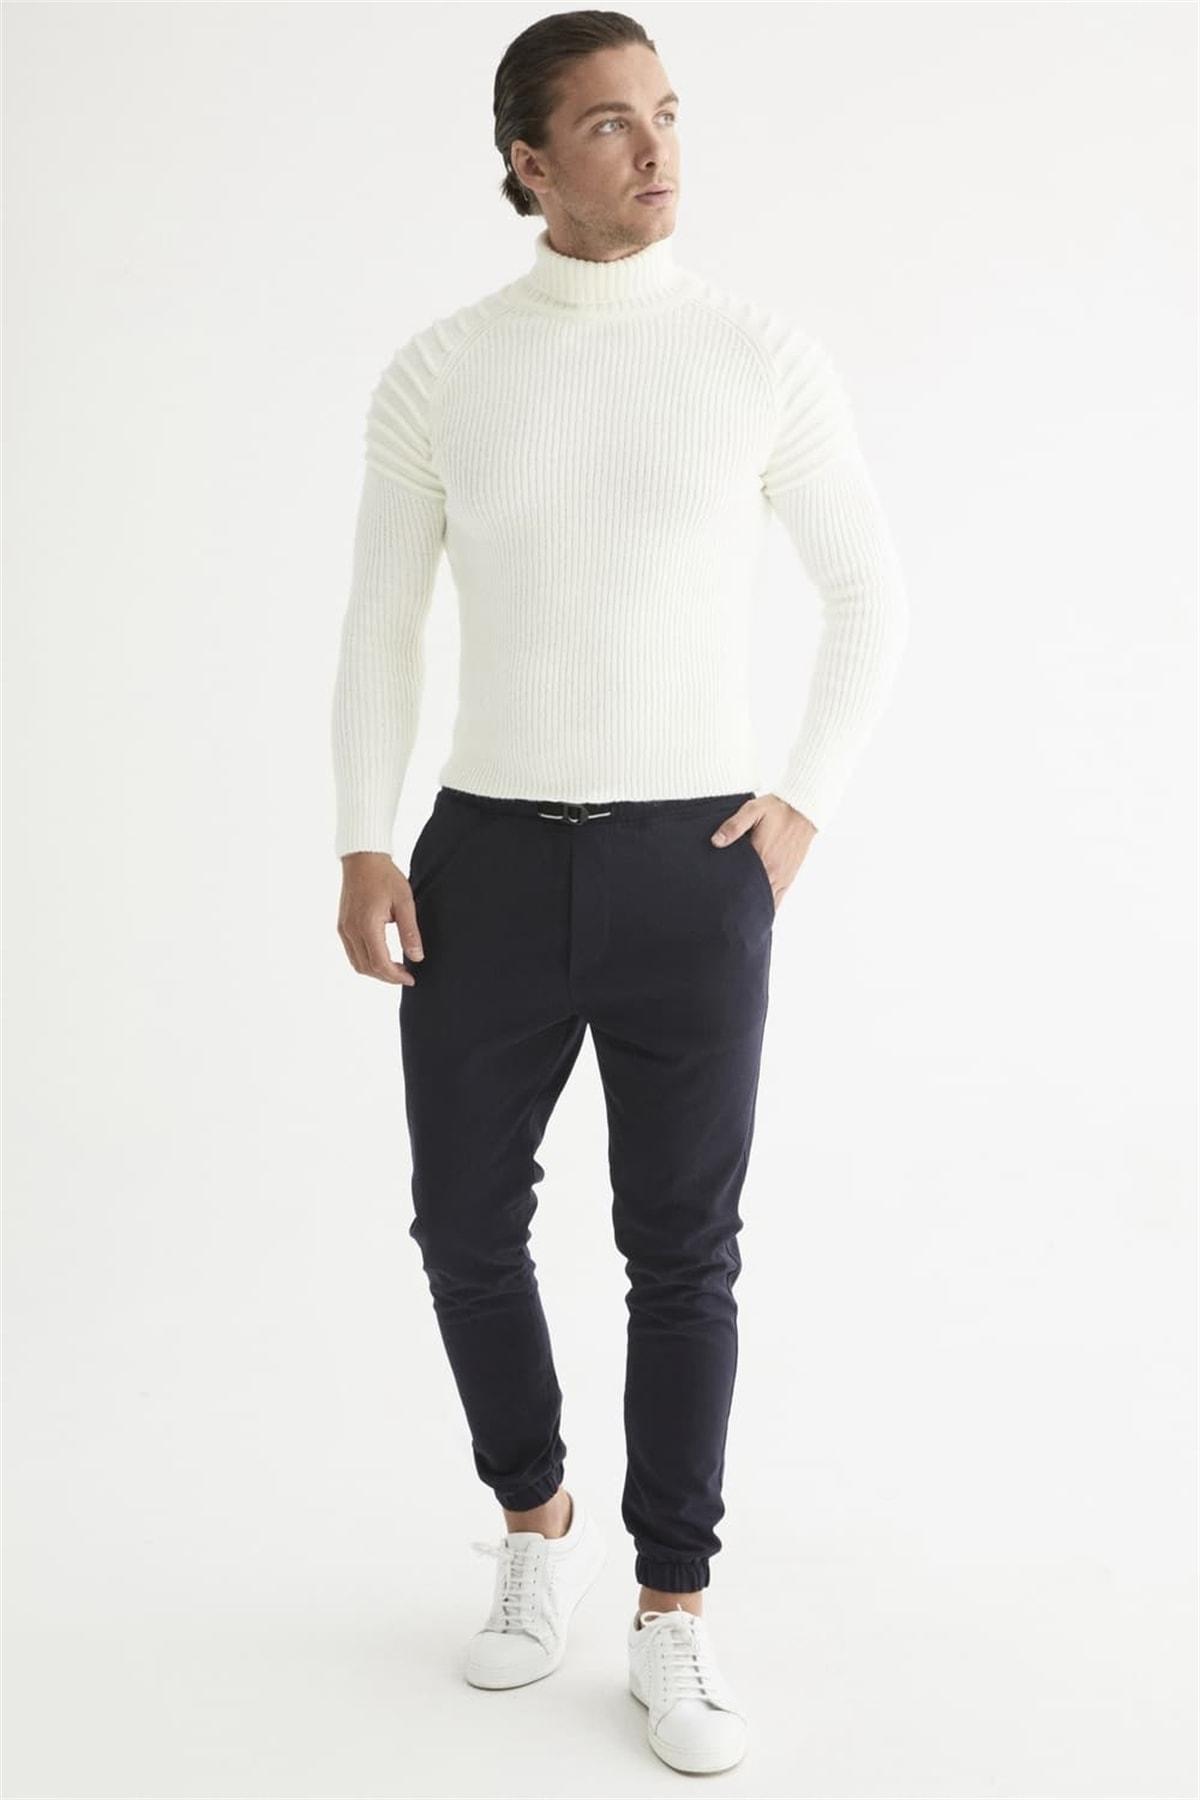 Efor Atp 017 Slim Fit Lacivert Spor Pantolon 1